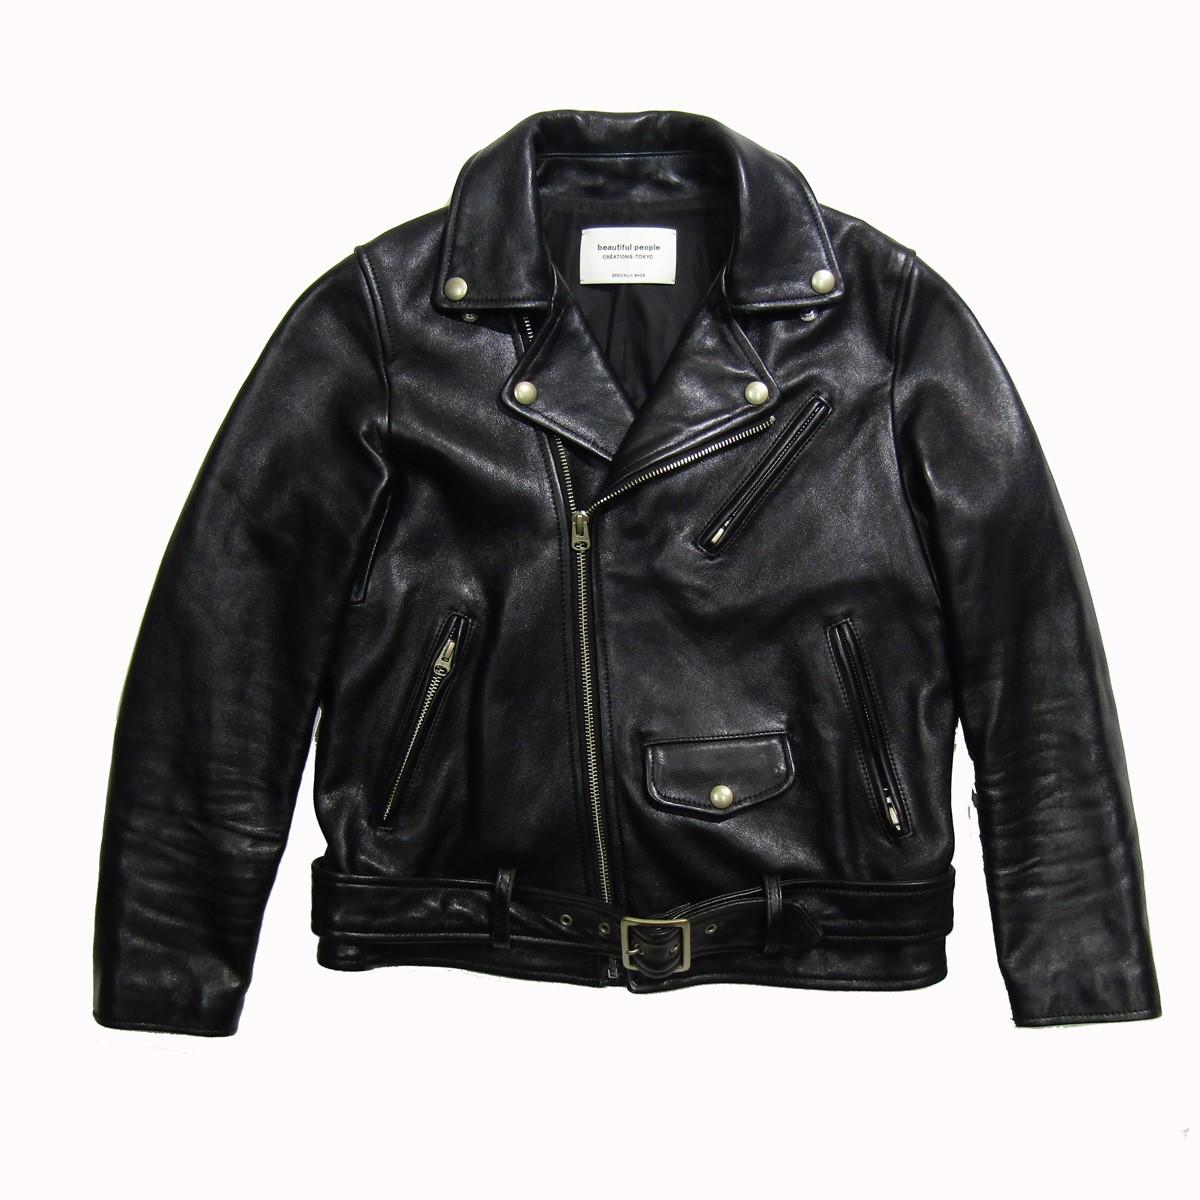 【中古】beautiful people vintage leather riders jacket/ヴィンテージライダースジャケット ブラック サイズ:150 【180420】(ビューティフルピープル)